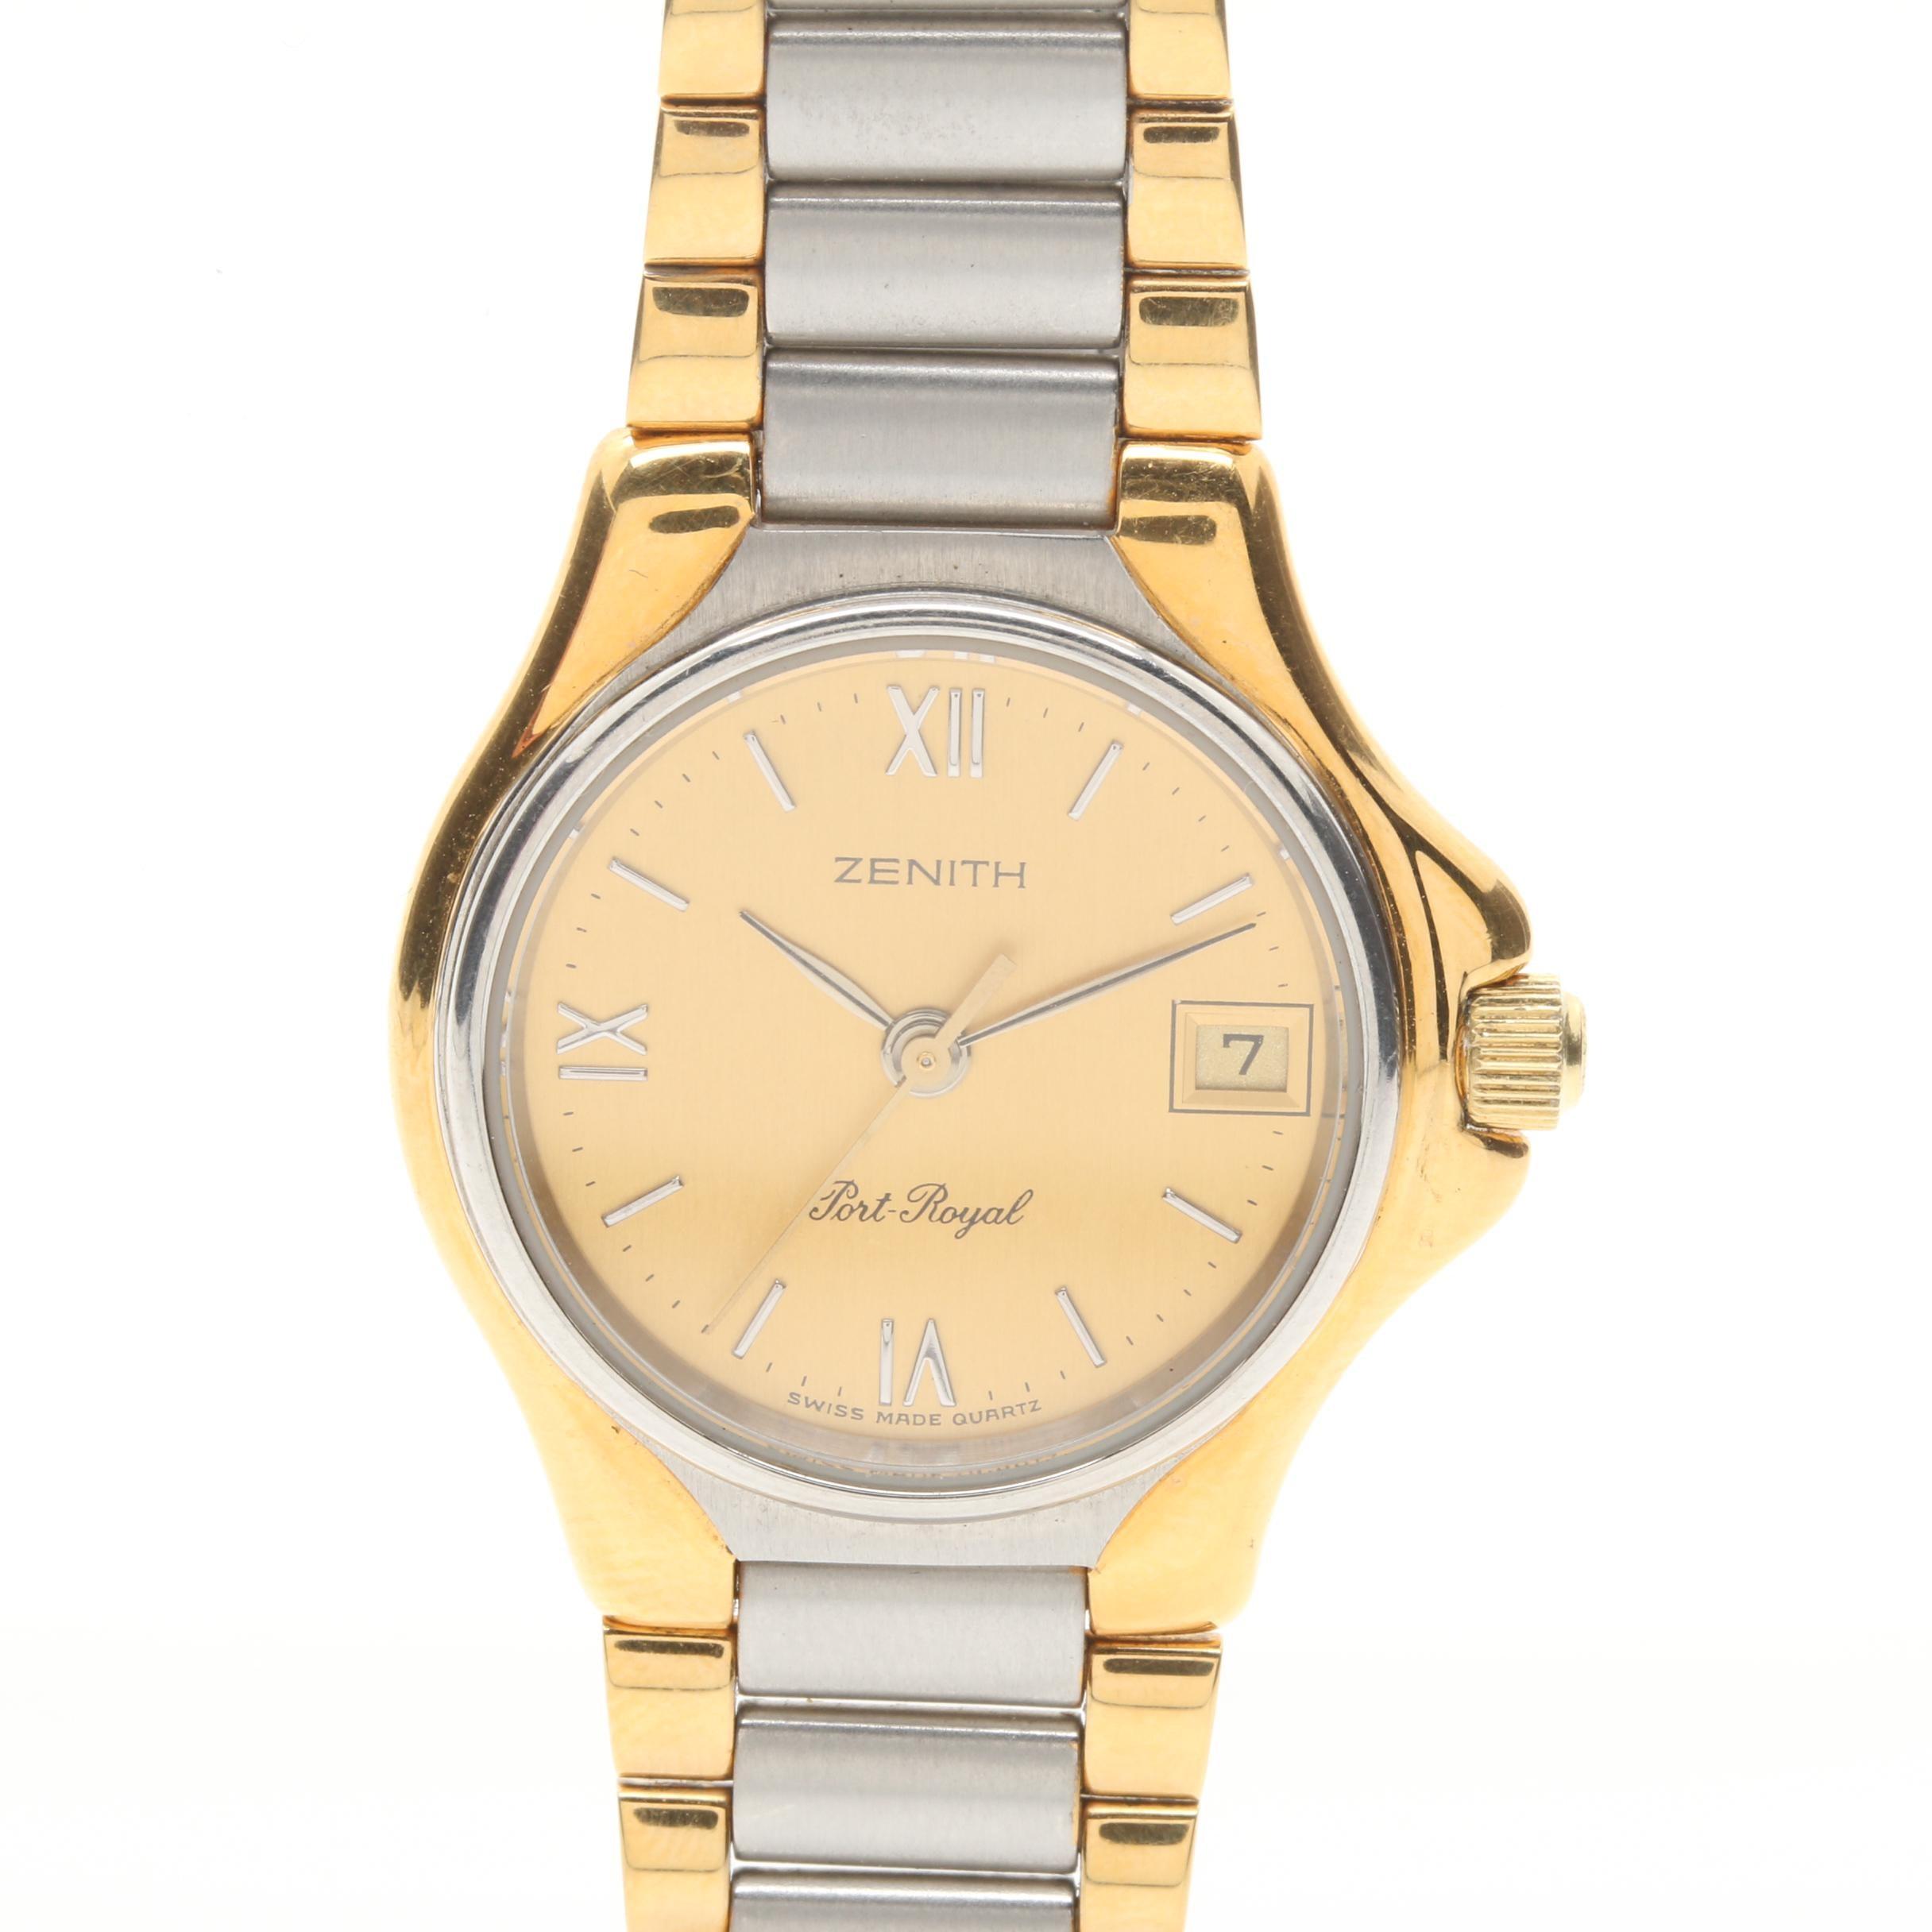 Two Tone Zenith Wristwatch